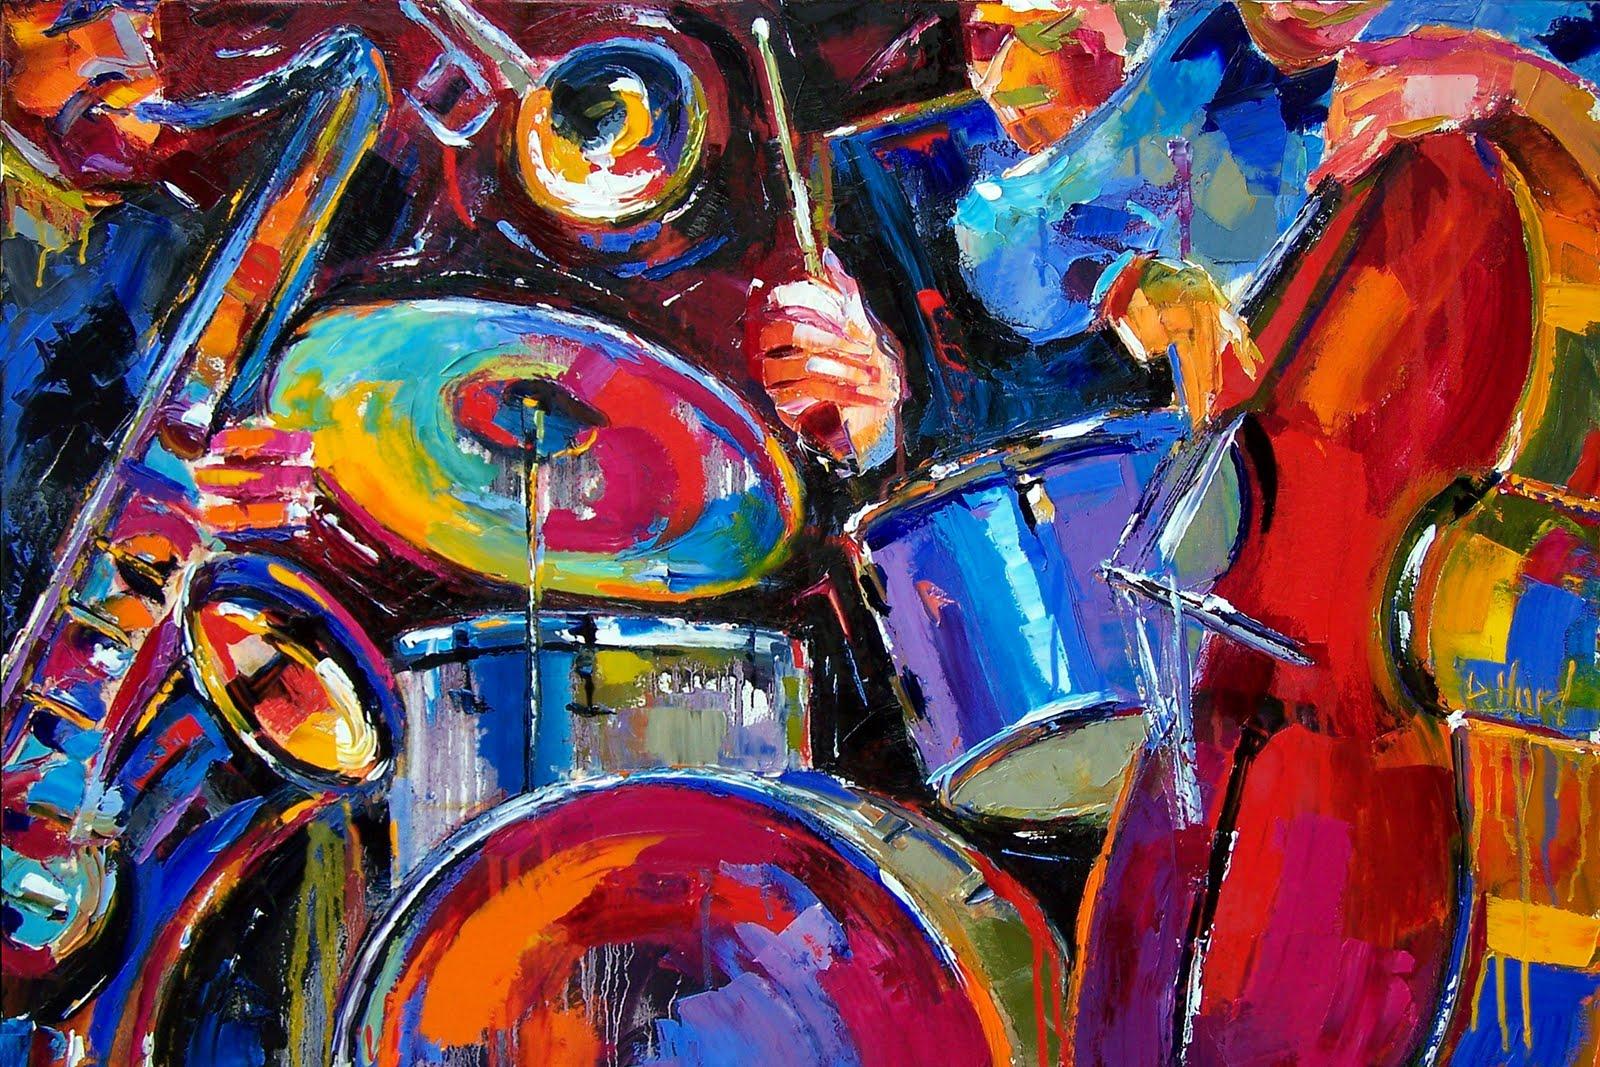 http://2.bp.blogspot.com/-gJCr4dNpm6g/UBVt0Hv0PmI/AAAAAAAAATc/-YKdFtog13I/s1600/drums+and+friends.jpg